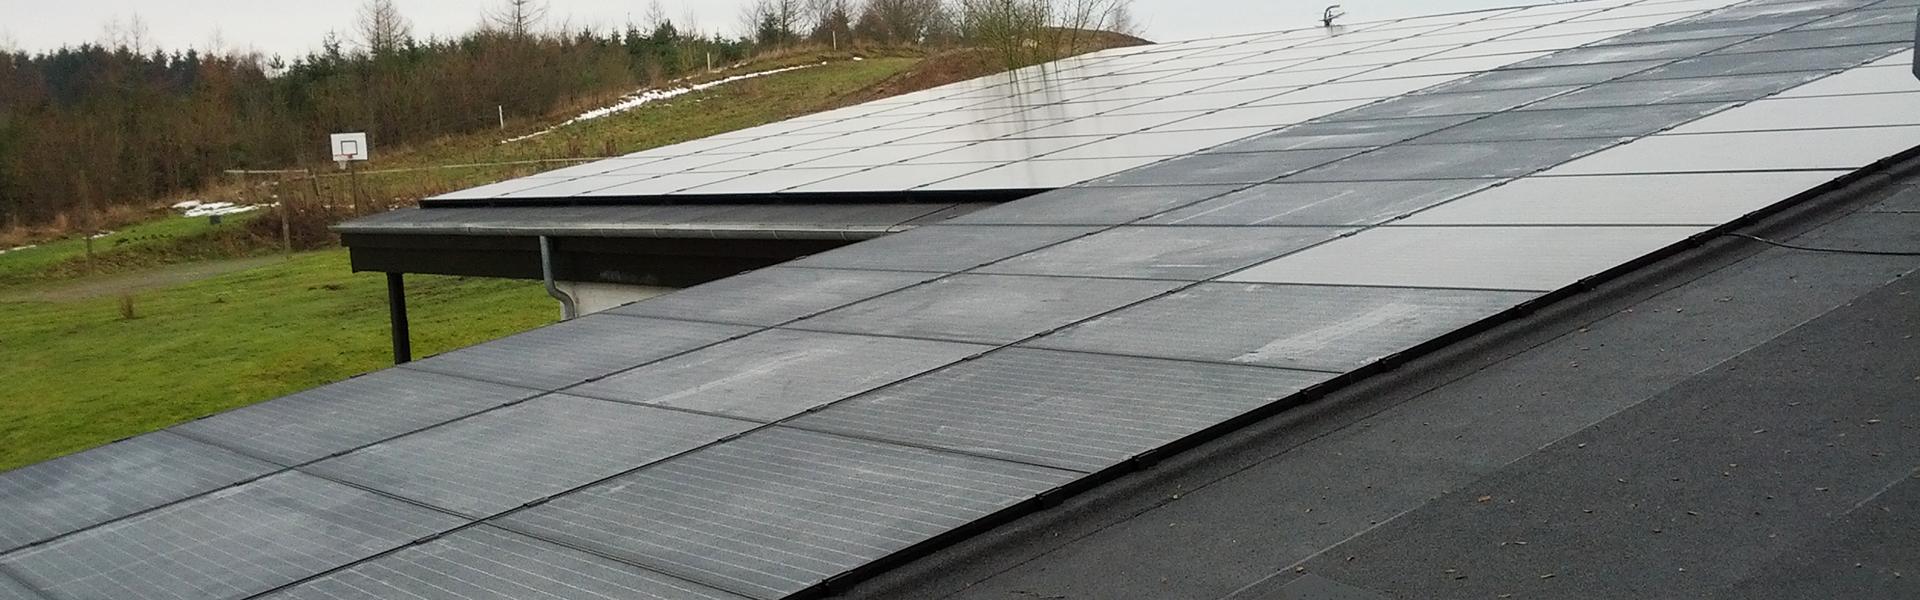 Solceller, miljø, tømrer, tømrermester, stevns, sjælland, miljøbevidst byggeri